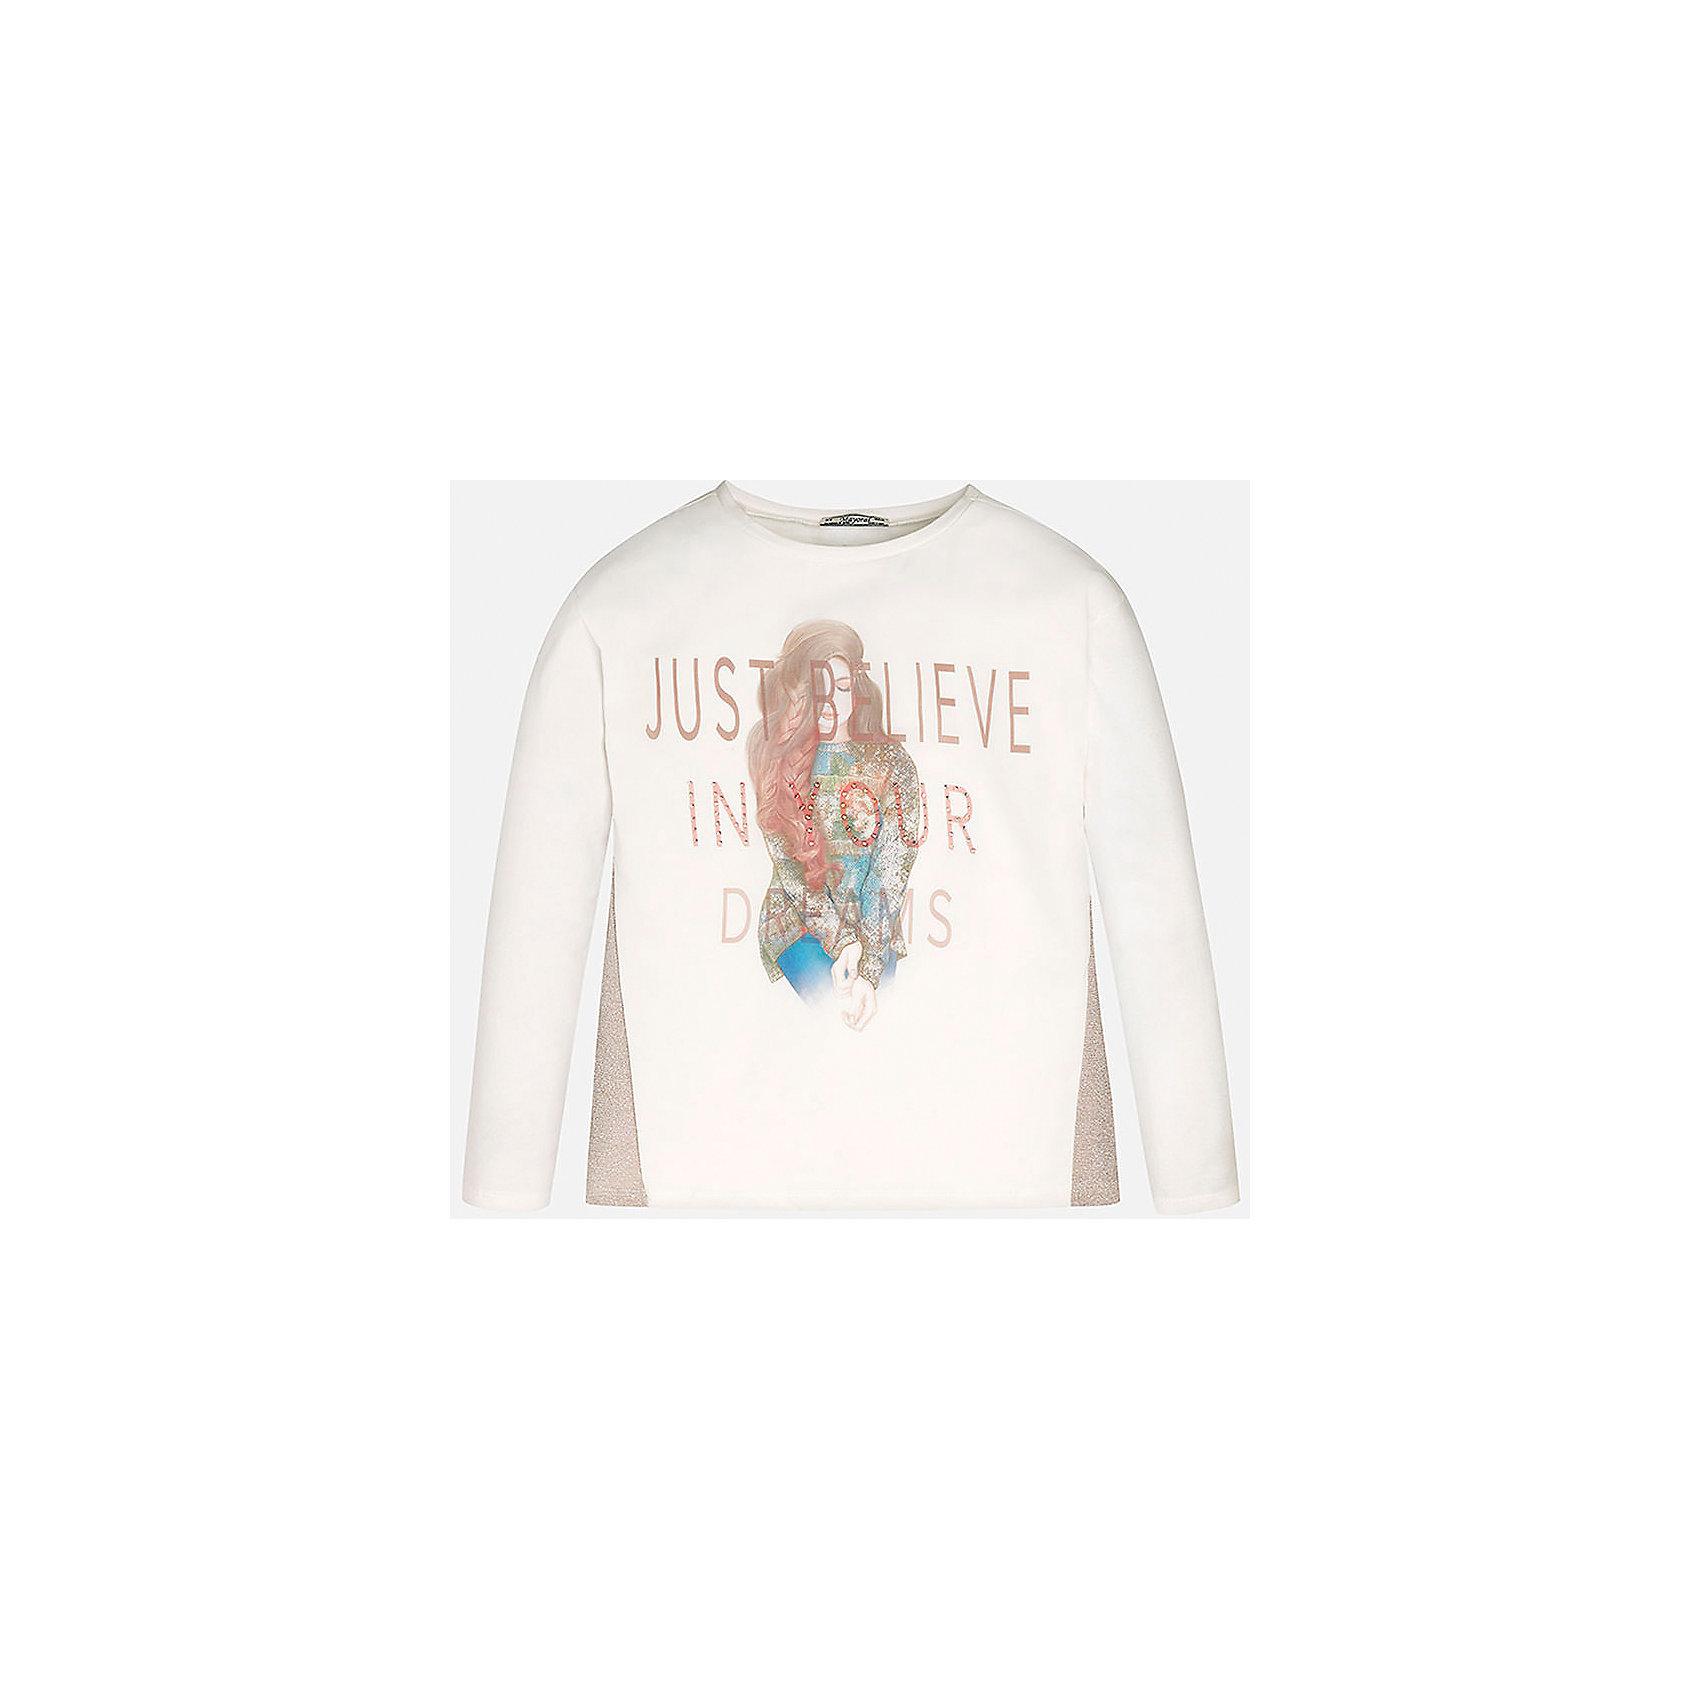 Футболка для девочки MayoralФутболка с длинным рукавом для девочки от известного испанского бренда Mayoral(Майорал) выполнена из натуральных материалов высокого качества. Модель украшена вязаными вставками по бокам, симпатичным принтом и стразами спереди. Красивая футболка отлично впишется в гардероб девочки!<br>Дополнительная информация:<br>-длинные рукава<br>-украшена принтом и стразами<br>-вязаные вставки по бокам<br>-цвет: белый<br>-состав. 62% хлопок,35% полиэстер,3% эластан; подкладка: 95% хлопок, 5% эластан<br>Футболку для девочек Mayoral(Майорал) можно купить в нашем интернет-магазине.<br><br>Ширина мм: 199<br>Глубина мм: 10<br>Высота мм: 161<br>Вес г: 151<br>Цвет: бежевый<br>Возраст от месяцев: 168<br>Возраст до месяцев: 180<br>Пол: Женский<br>Возраст: Детский<br>Размер: 164/170,134/140,146/152,128/134,158/164,152/158<br>SKU: 4844679